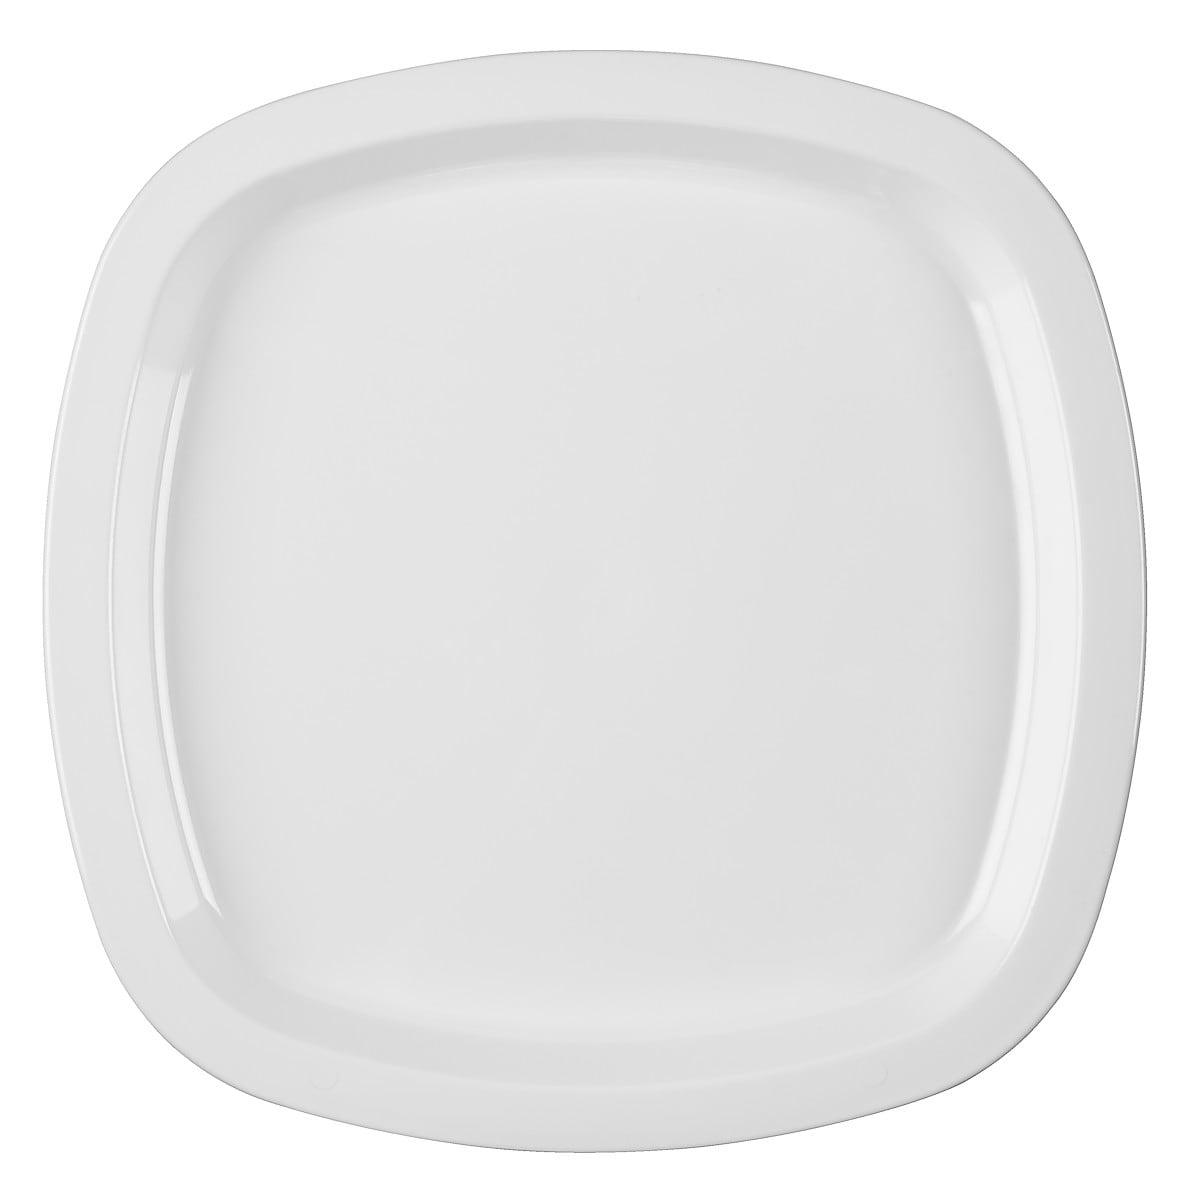 Plasttallrik flat 24 cm